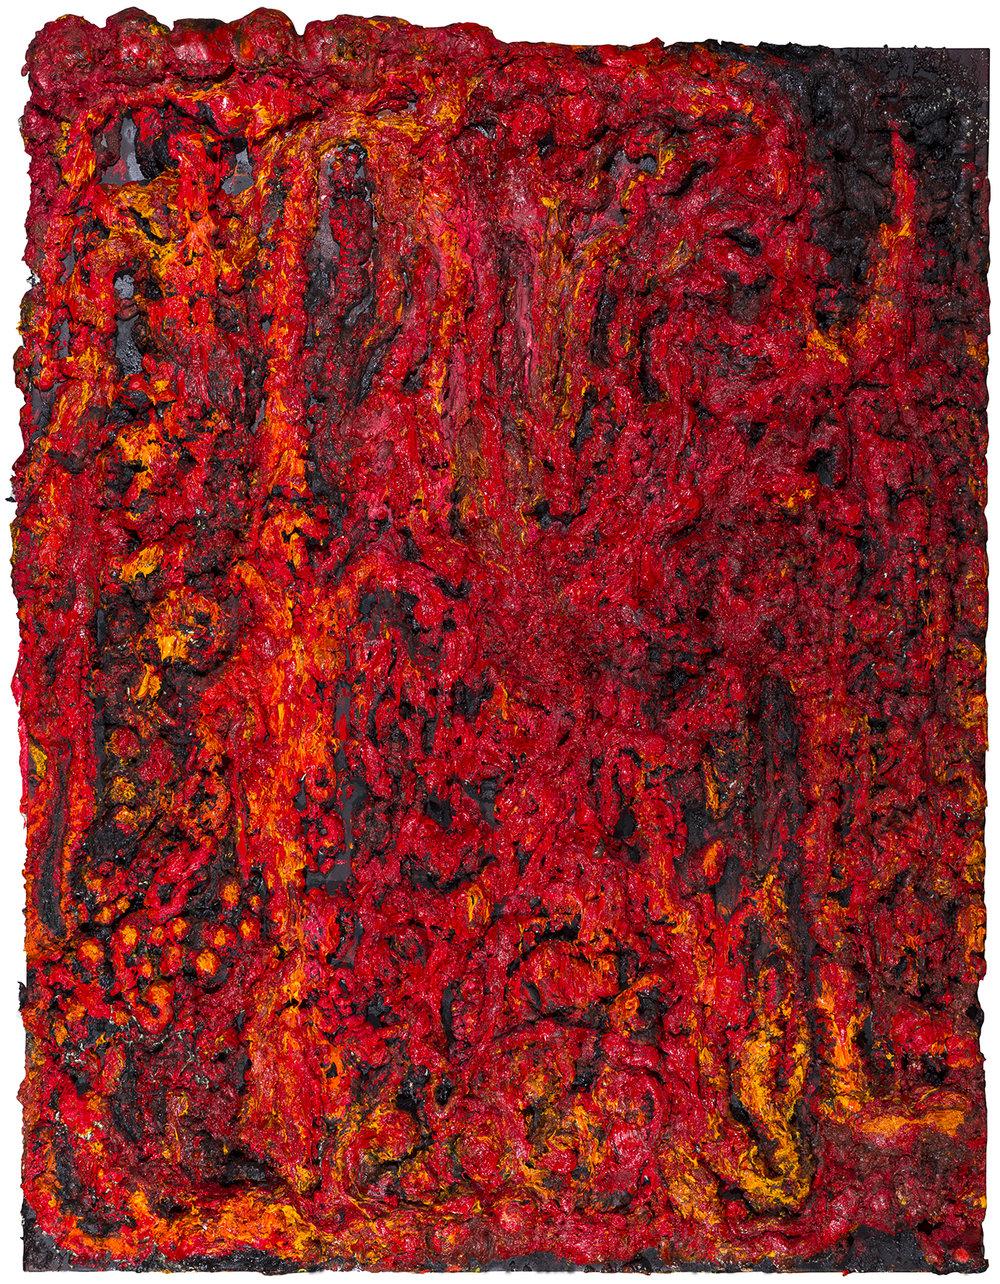 Mutant, 2017 Oil, gesso, acrylic, polyurethane foam on canvas 270 x 210 cm